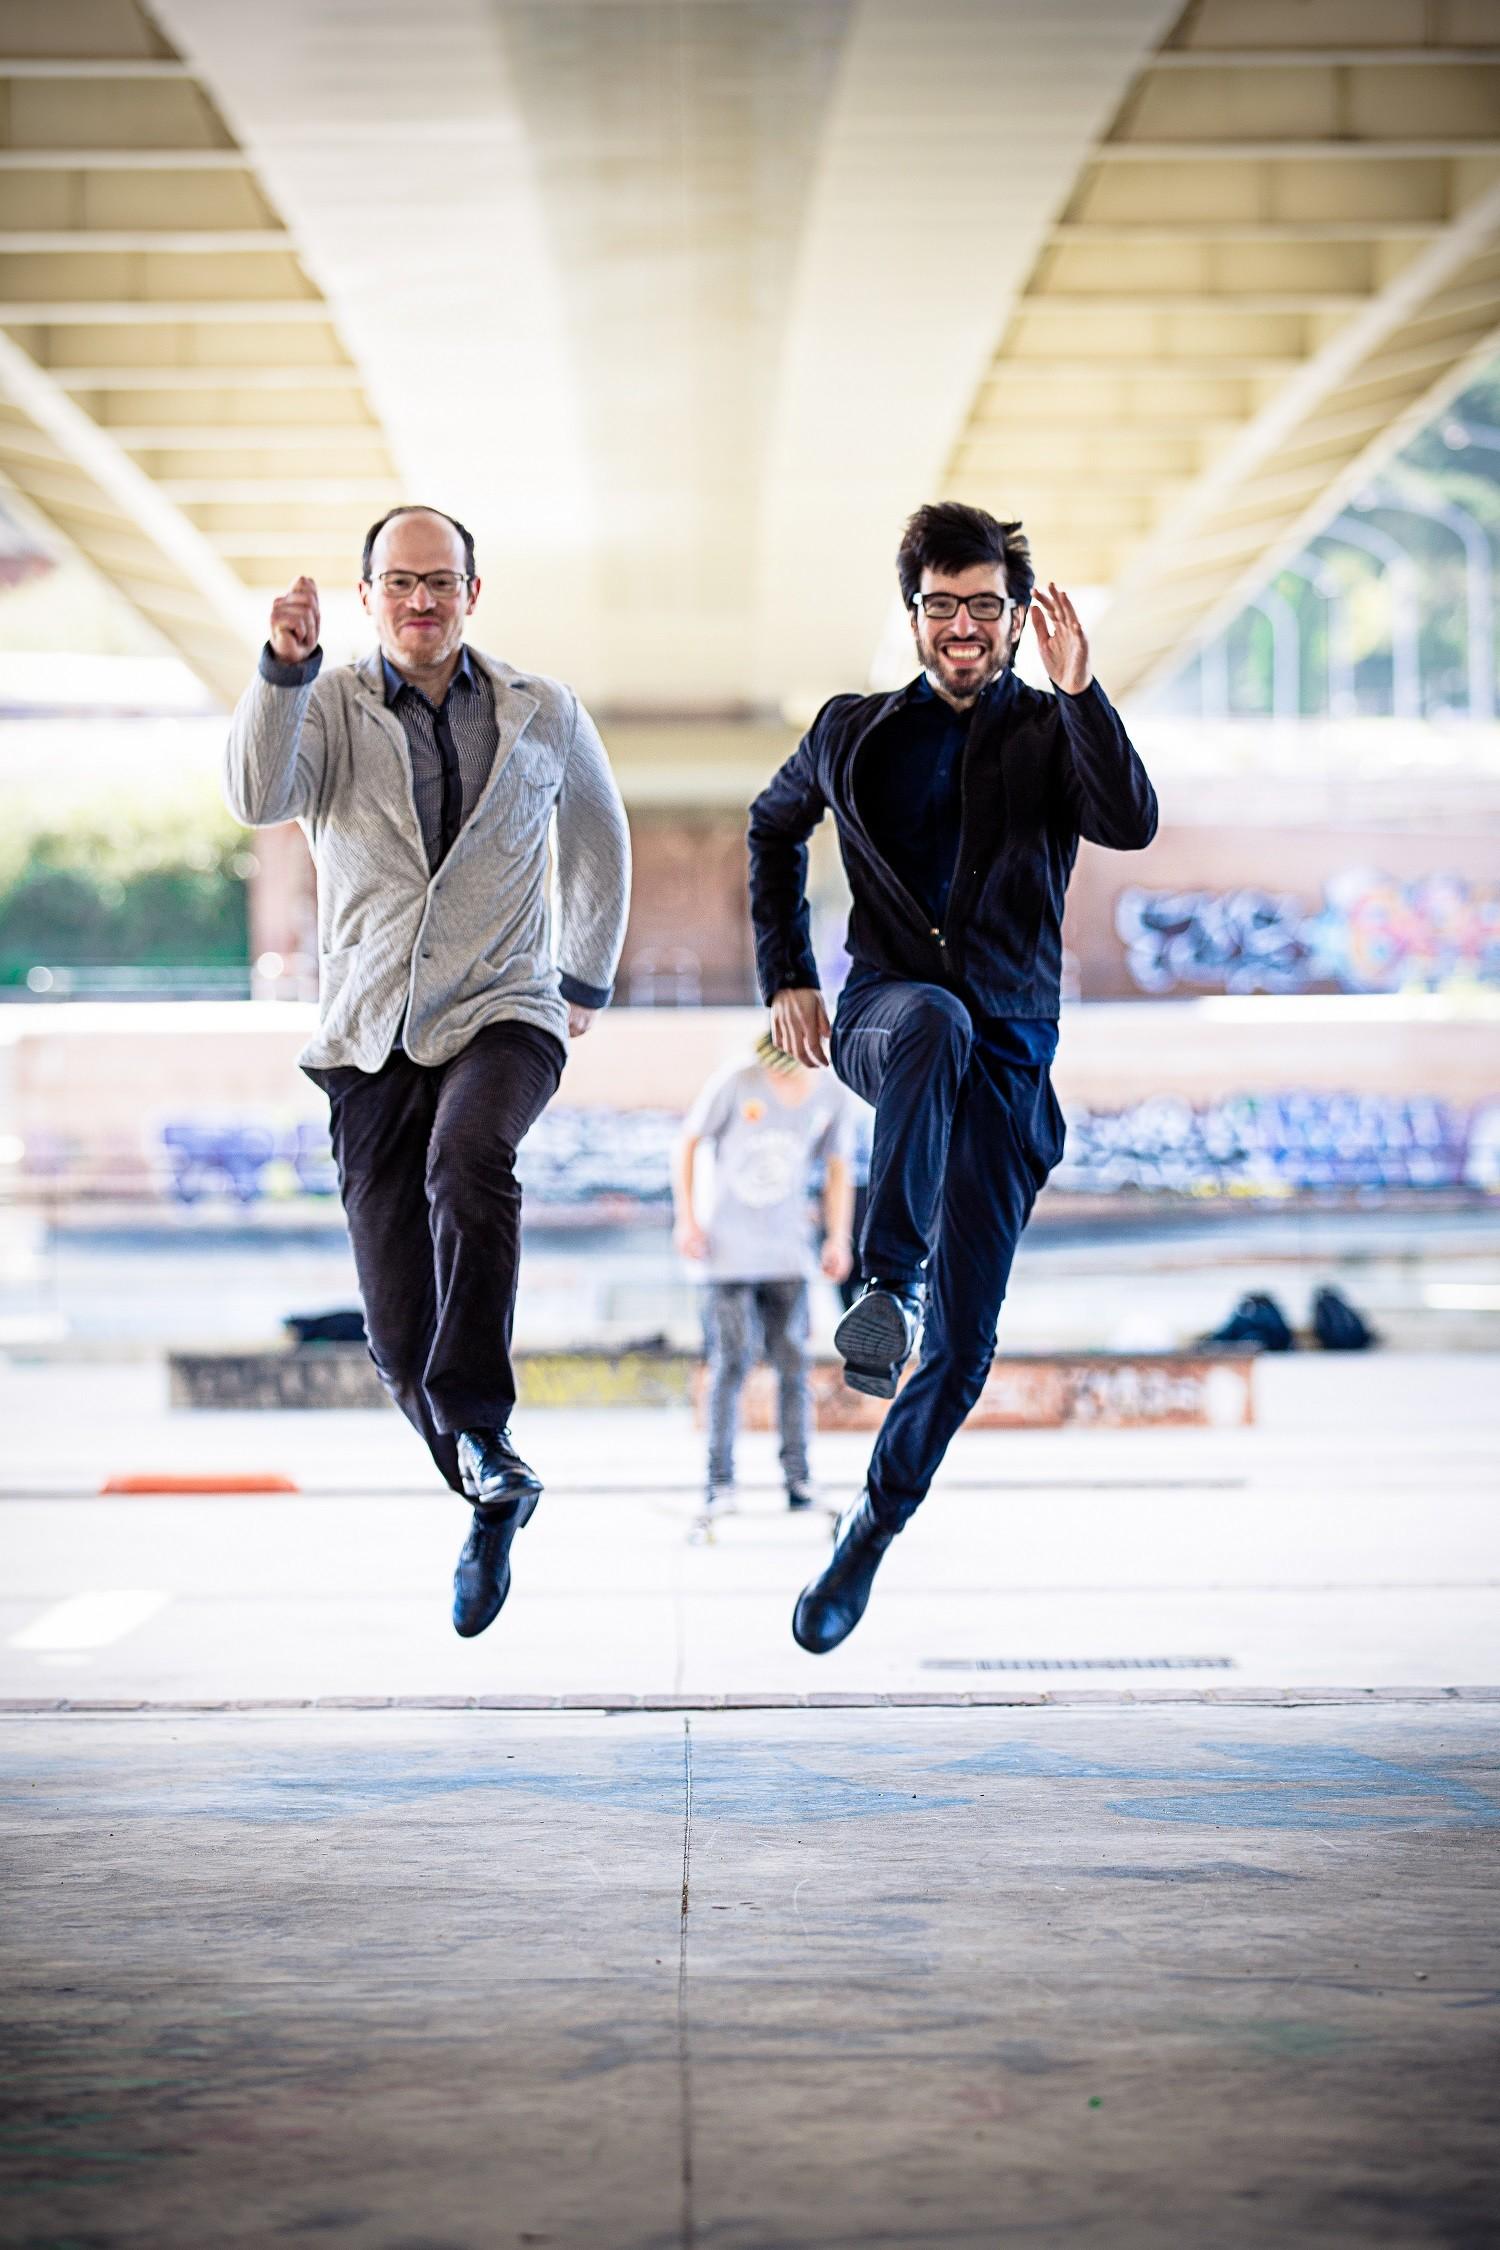 Verso traiettorie - Concerto di Francesco Dillon e Emanuele Torquati alla Casa della Musica